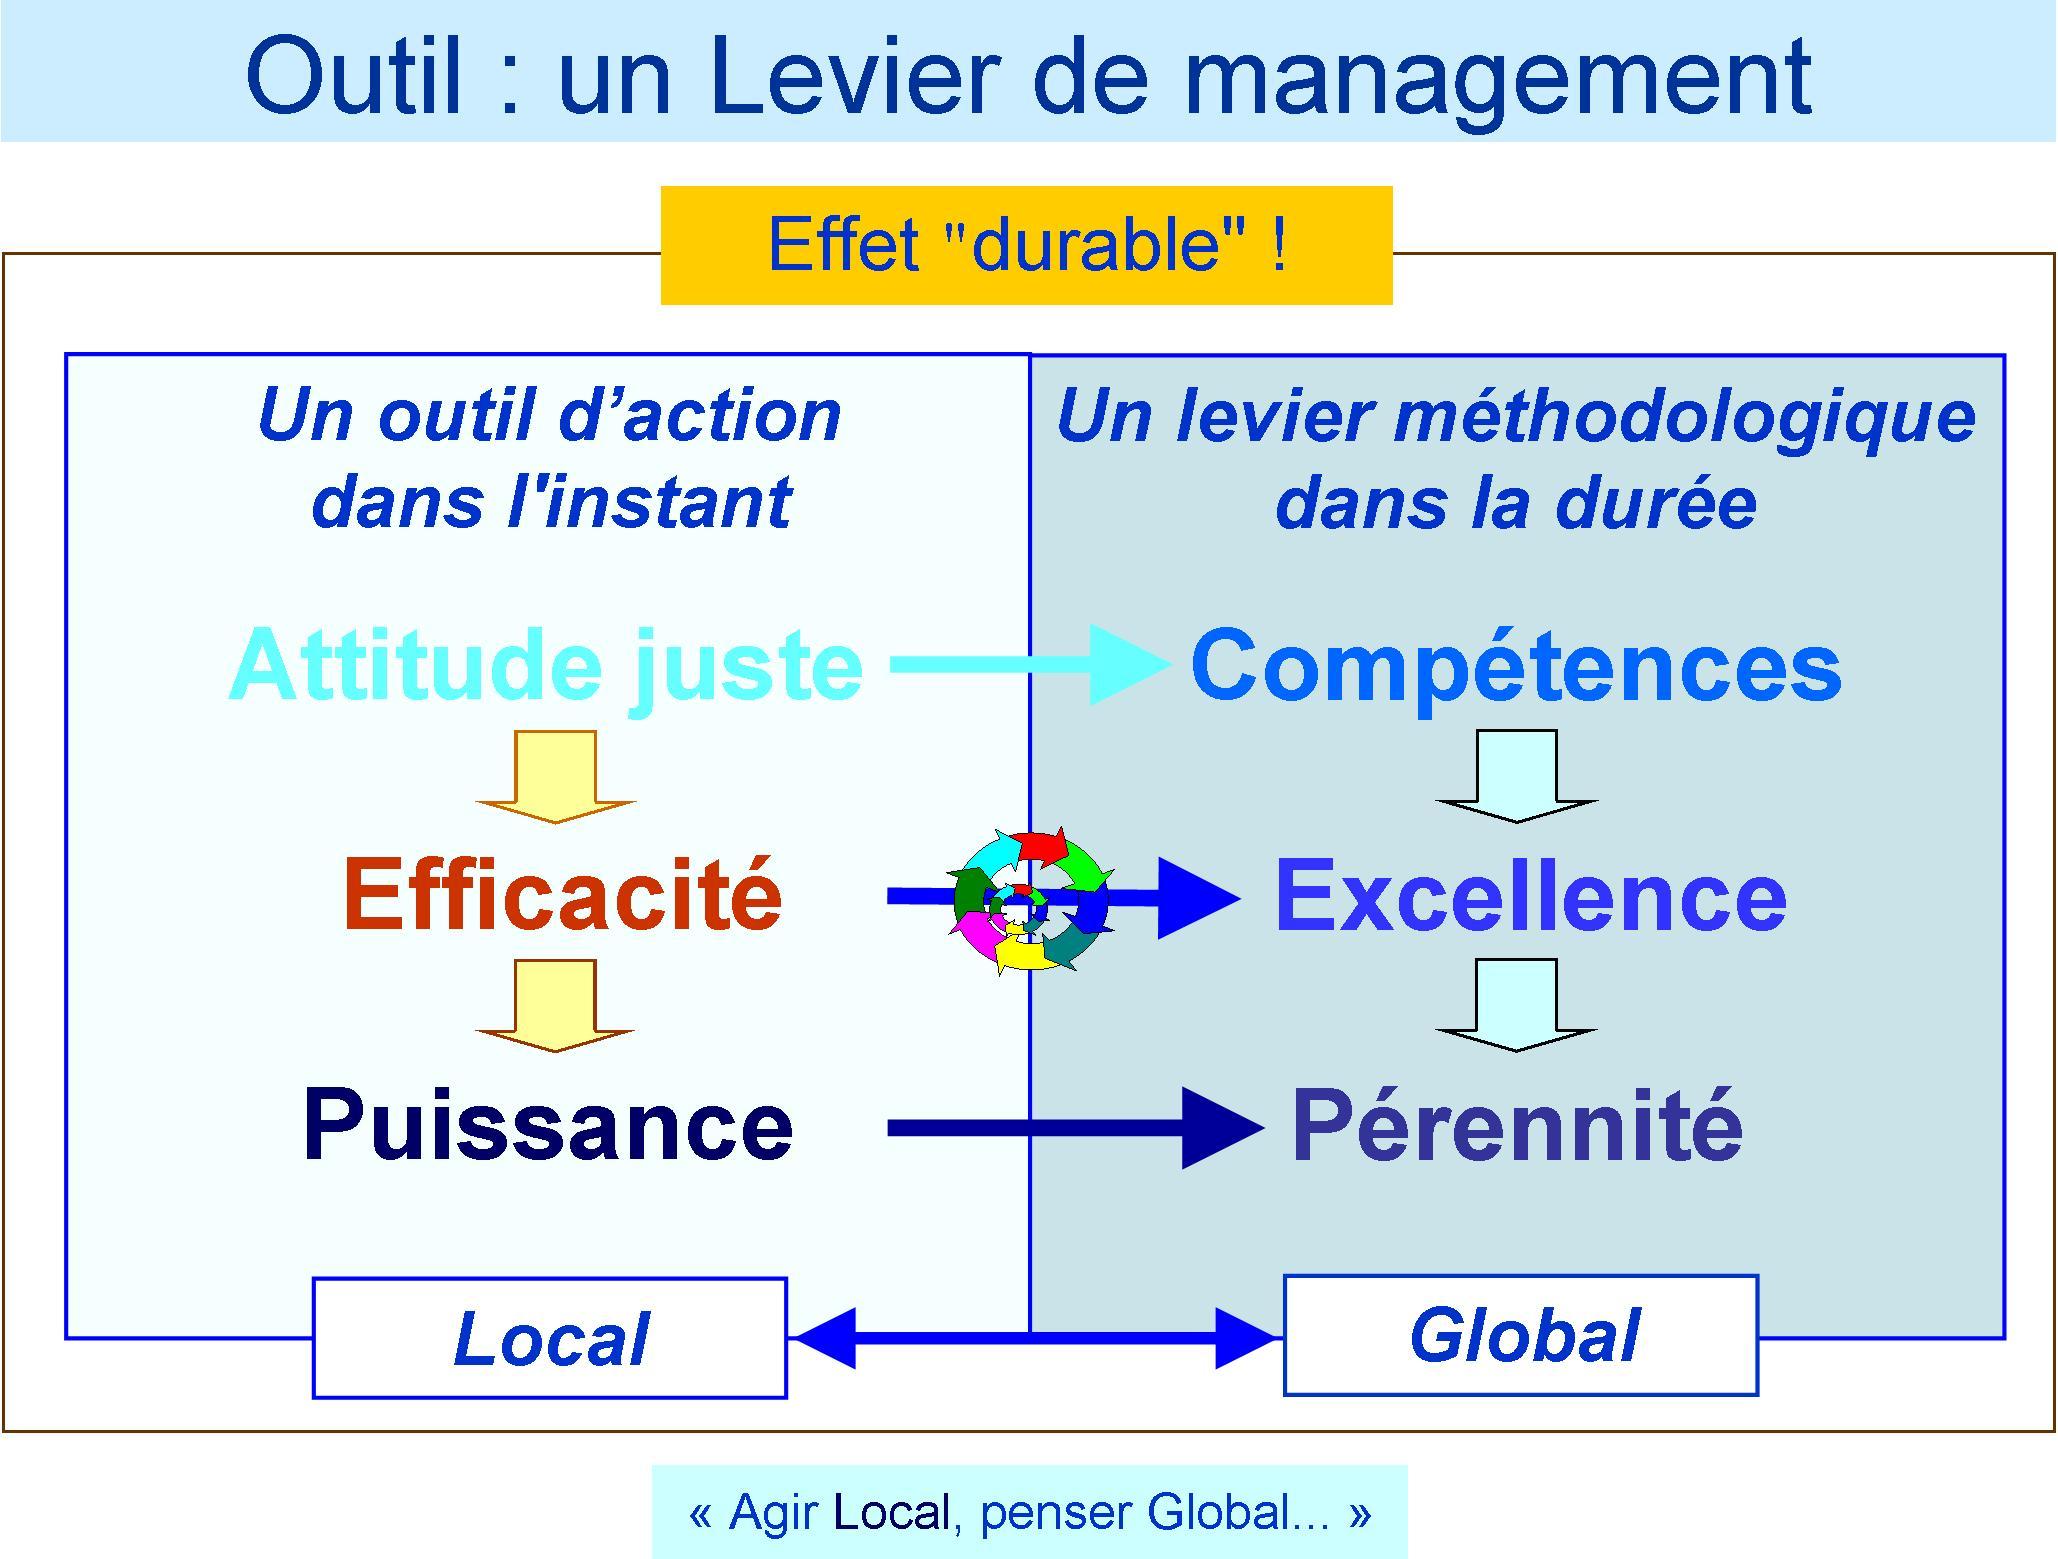 Outil Levier de Management